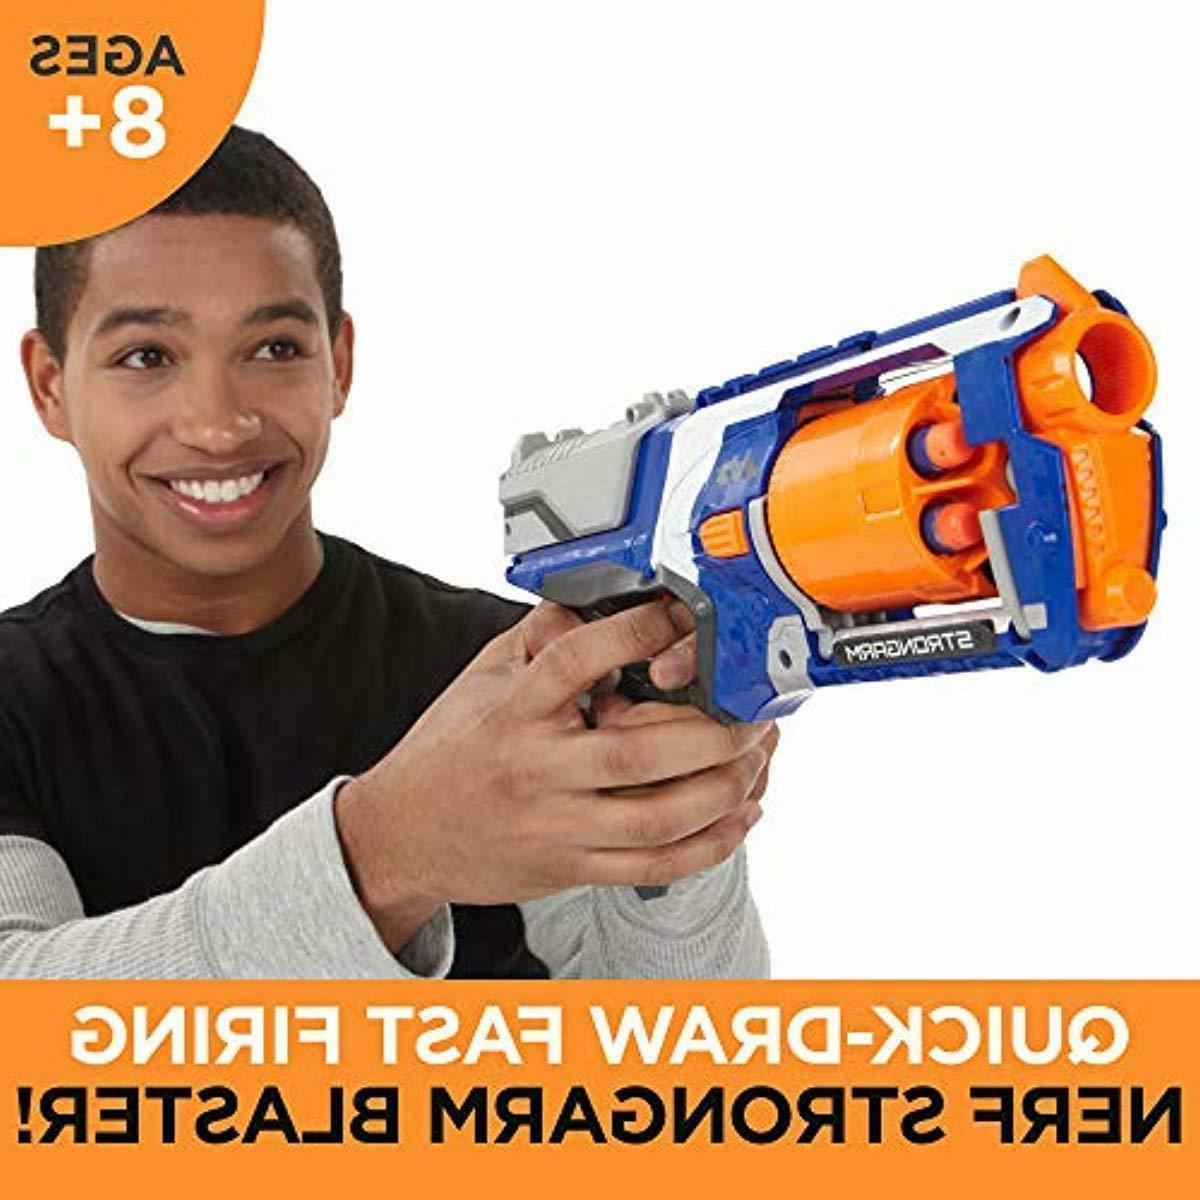 Nerf Rebel Nerf Guns 7 10 11 12 Old